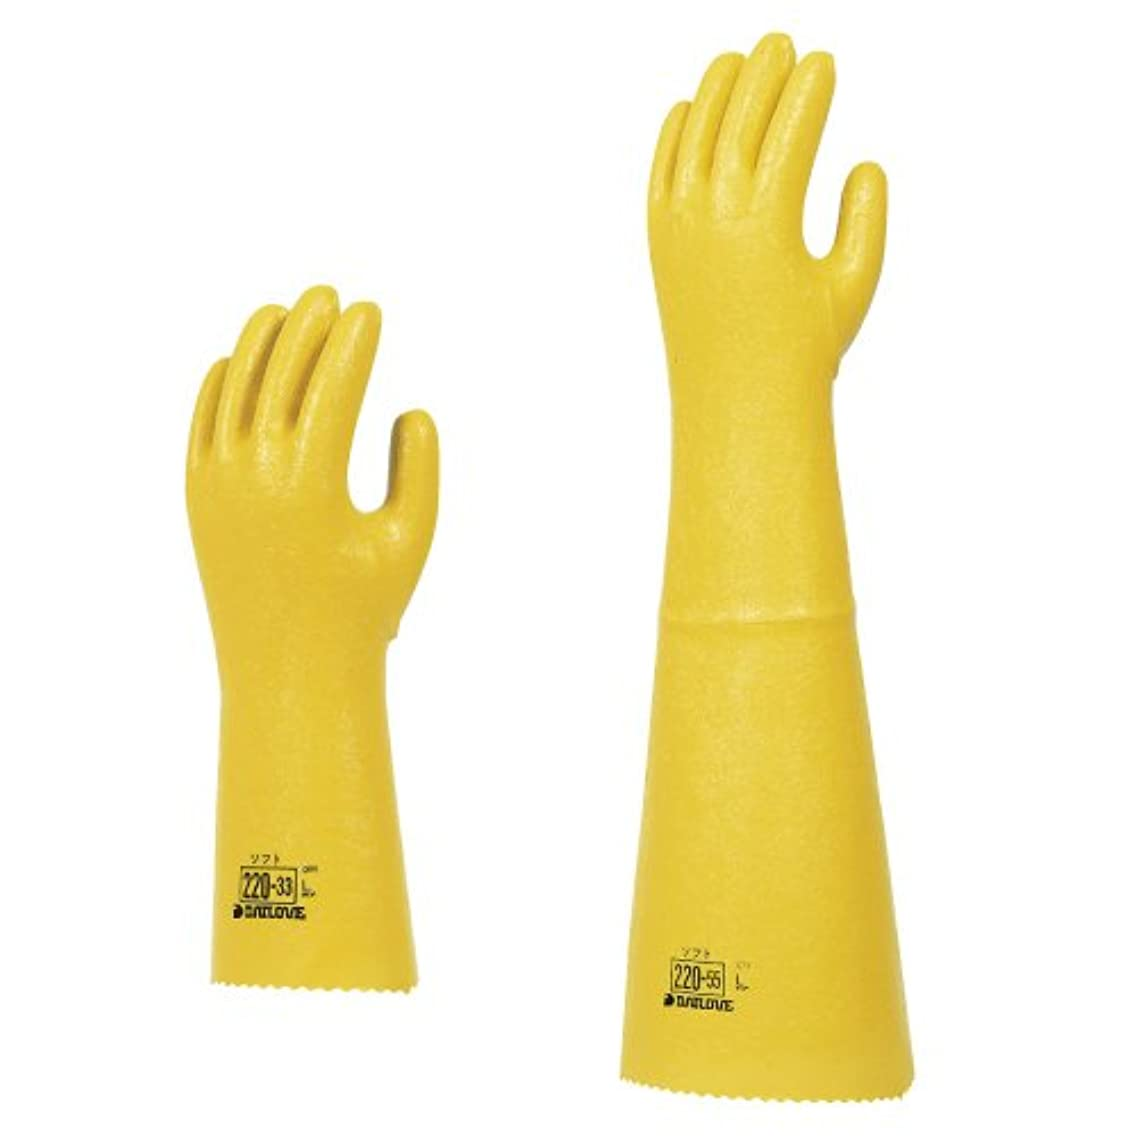 デンマーク文明ペルセウスダイローブ手袋 220-55 04-189-01(L)????????????220-55L(23-2948-03)